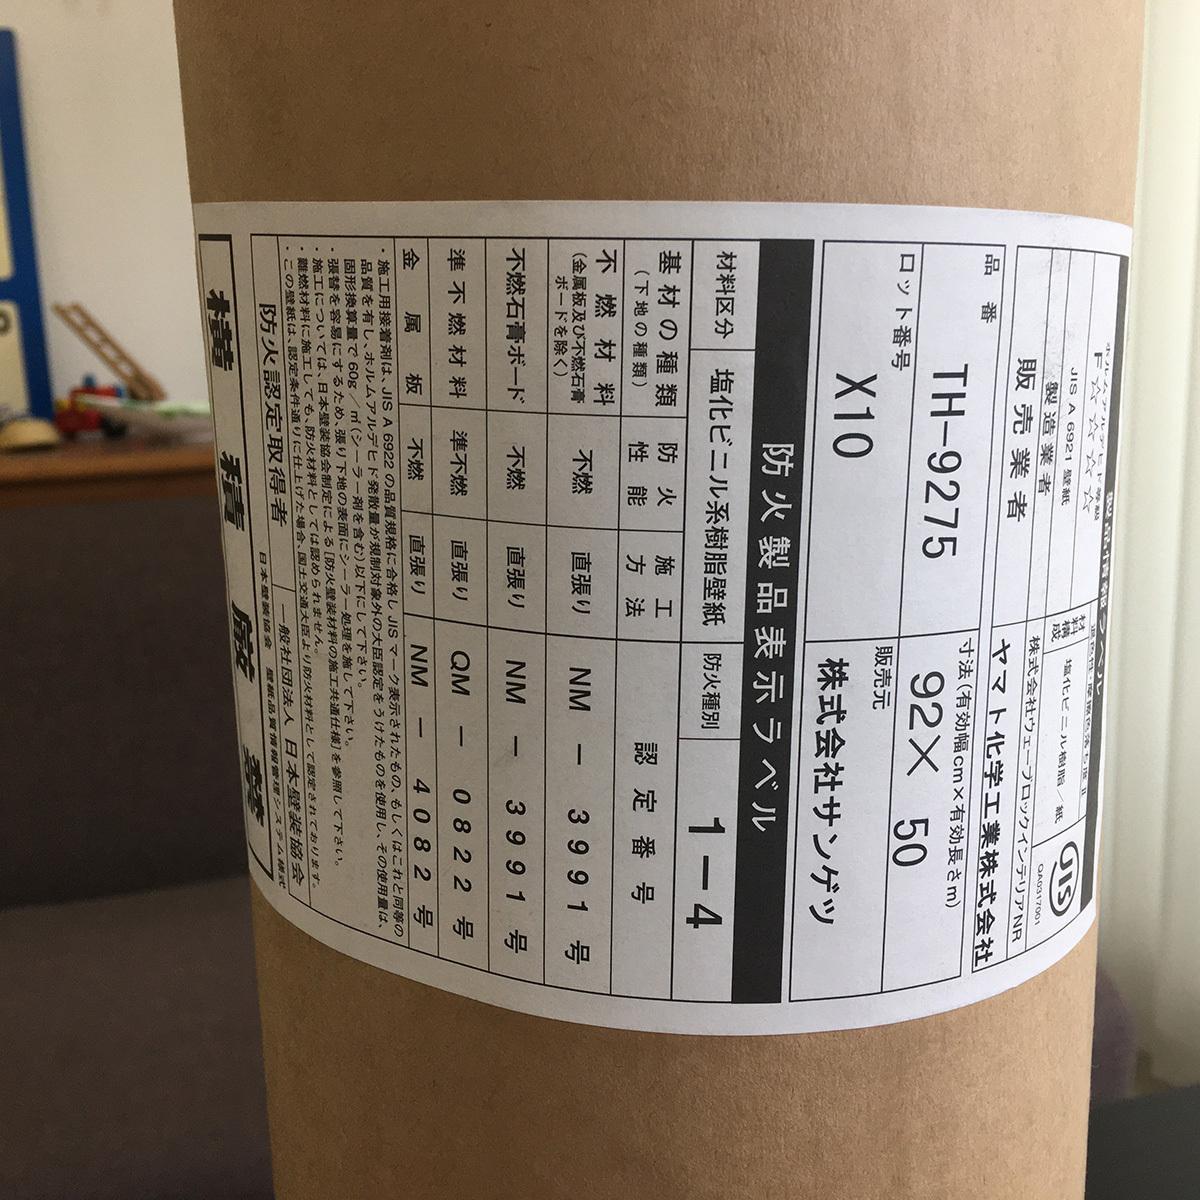 【サンゲツアウトレット】壁紙ビニールクロス TH9275処分品ダマスク柄カスリ【50m】【不燃】【防カビ】【リノベ】_画像10